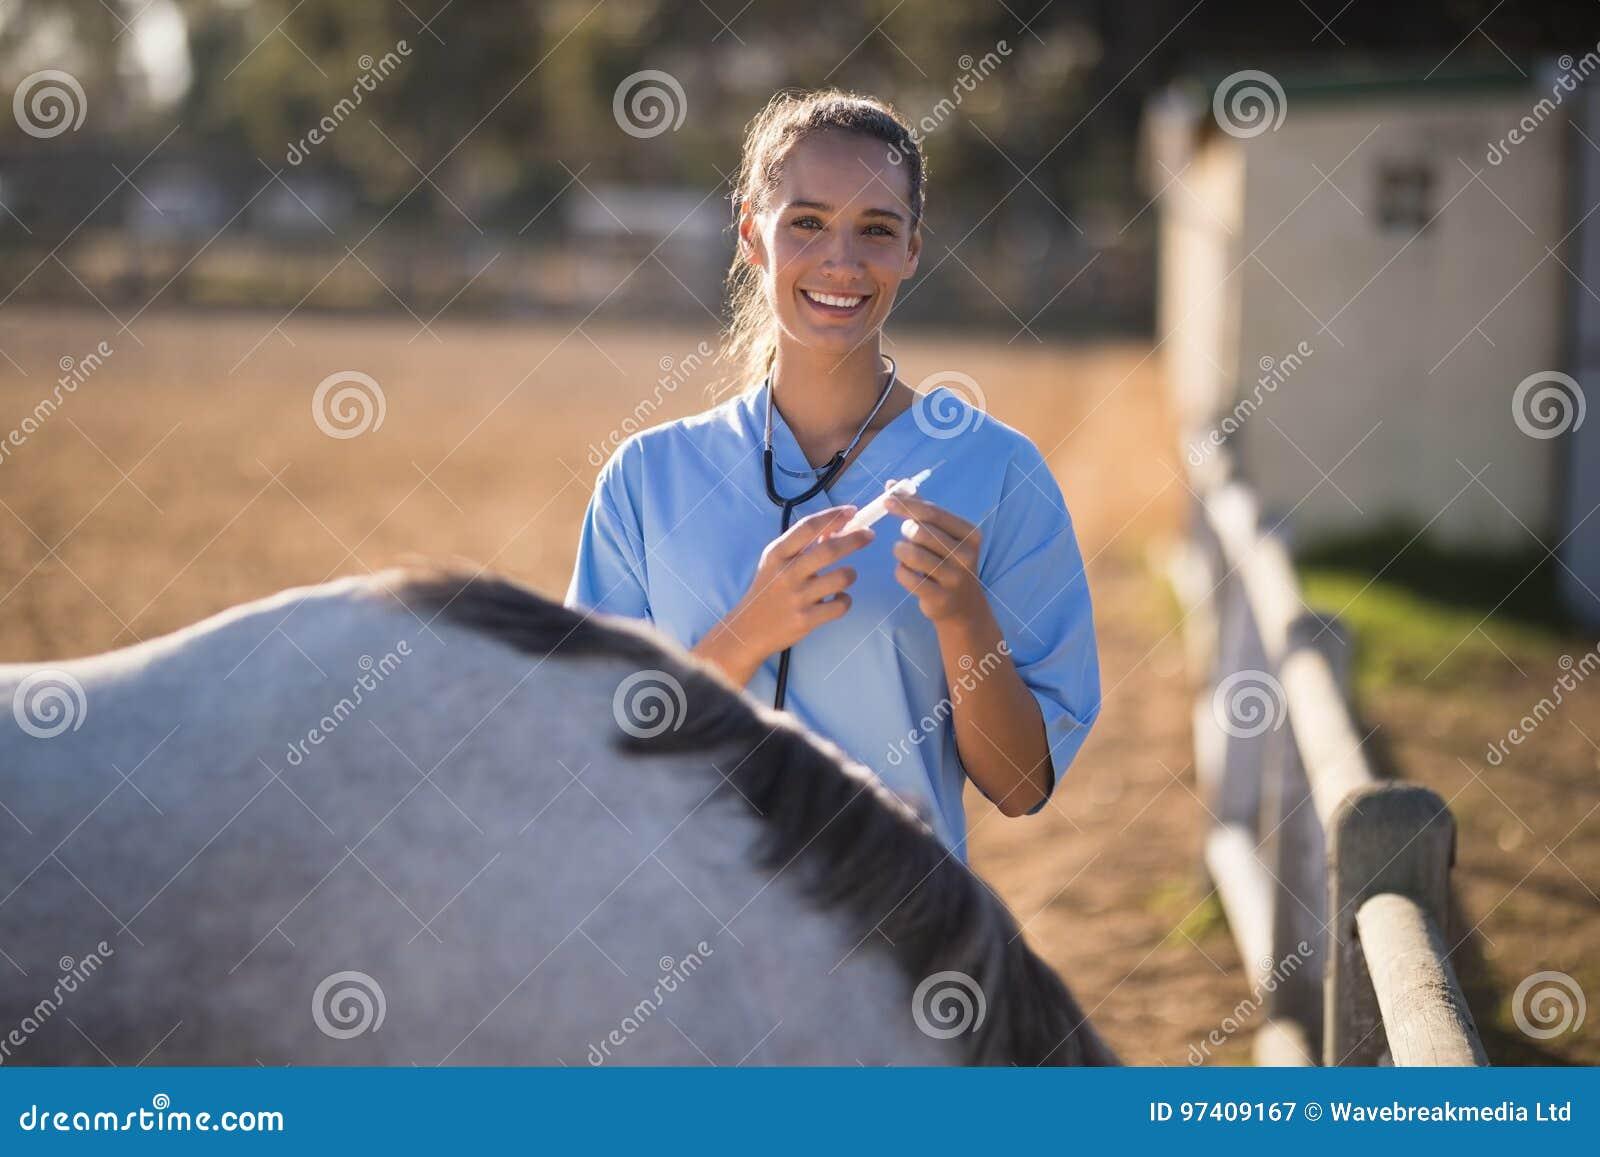 Portrait of smiling female vet holding syringe